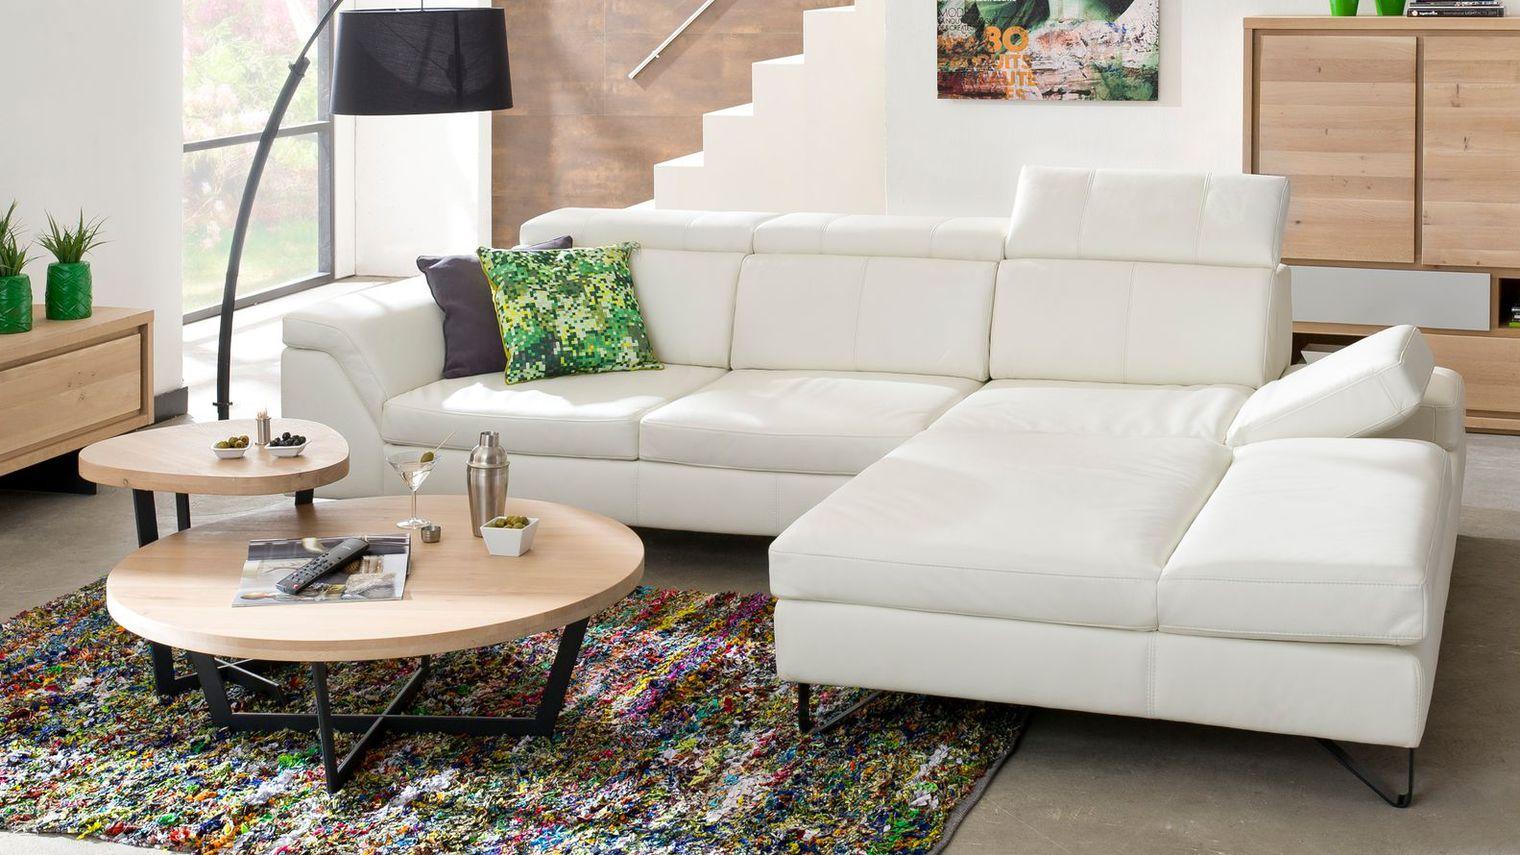 Choisir son nouveau mobilier de salon moderne r tro vintage - Photo salon moderne ...